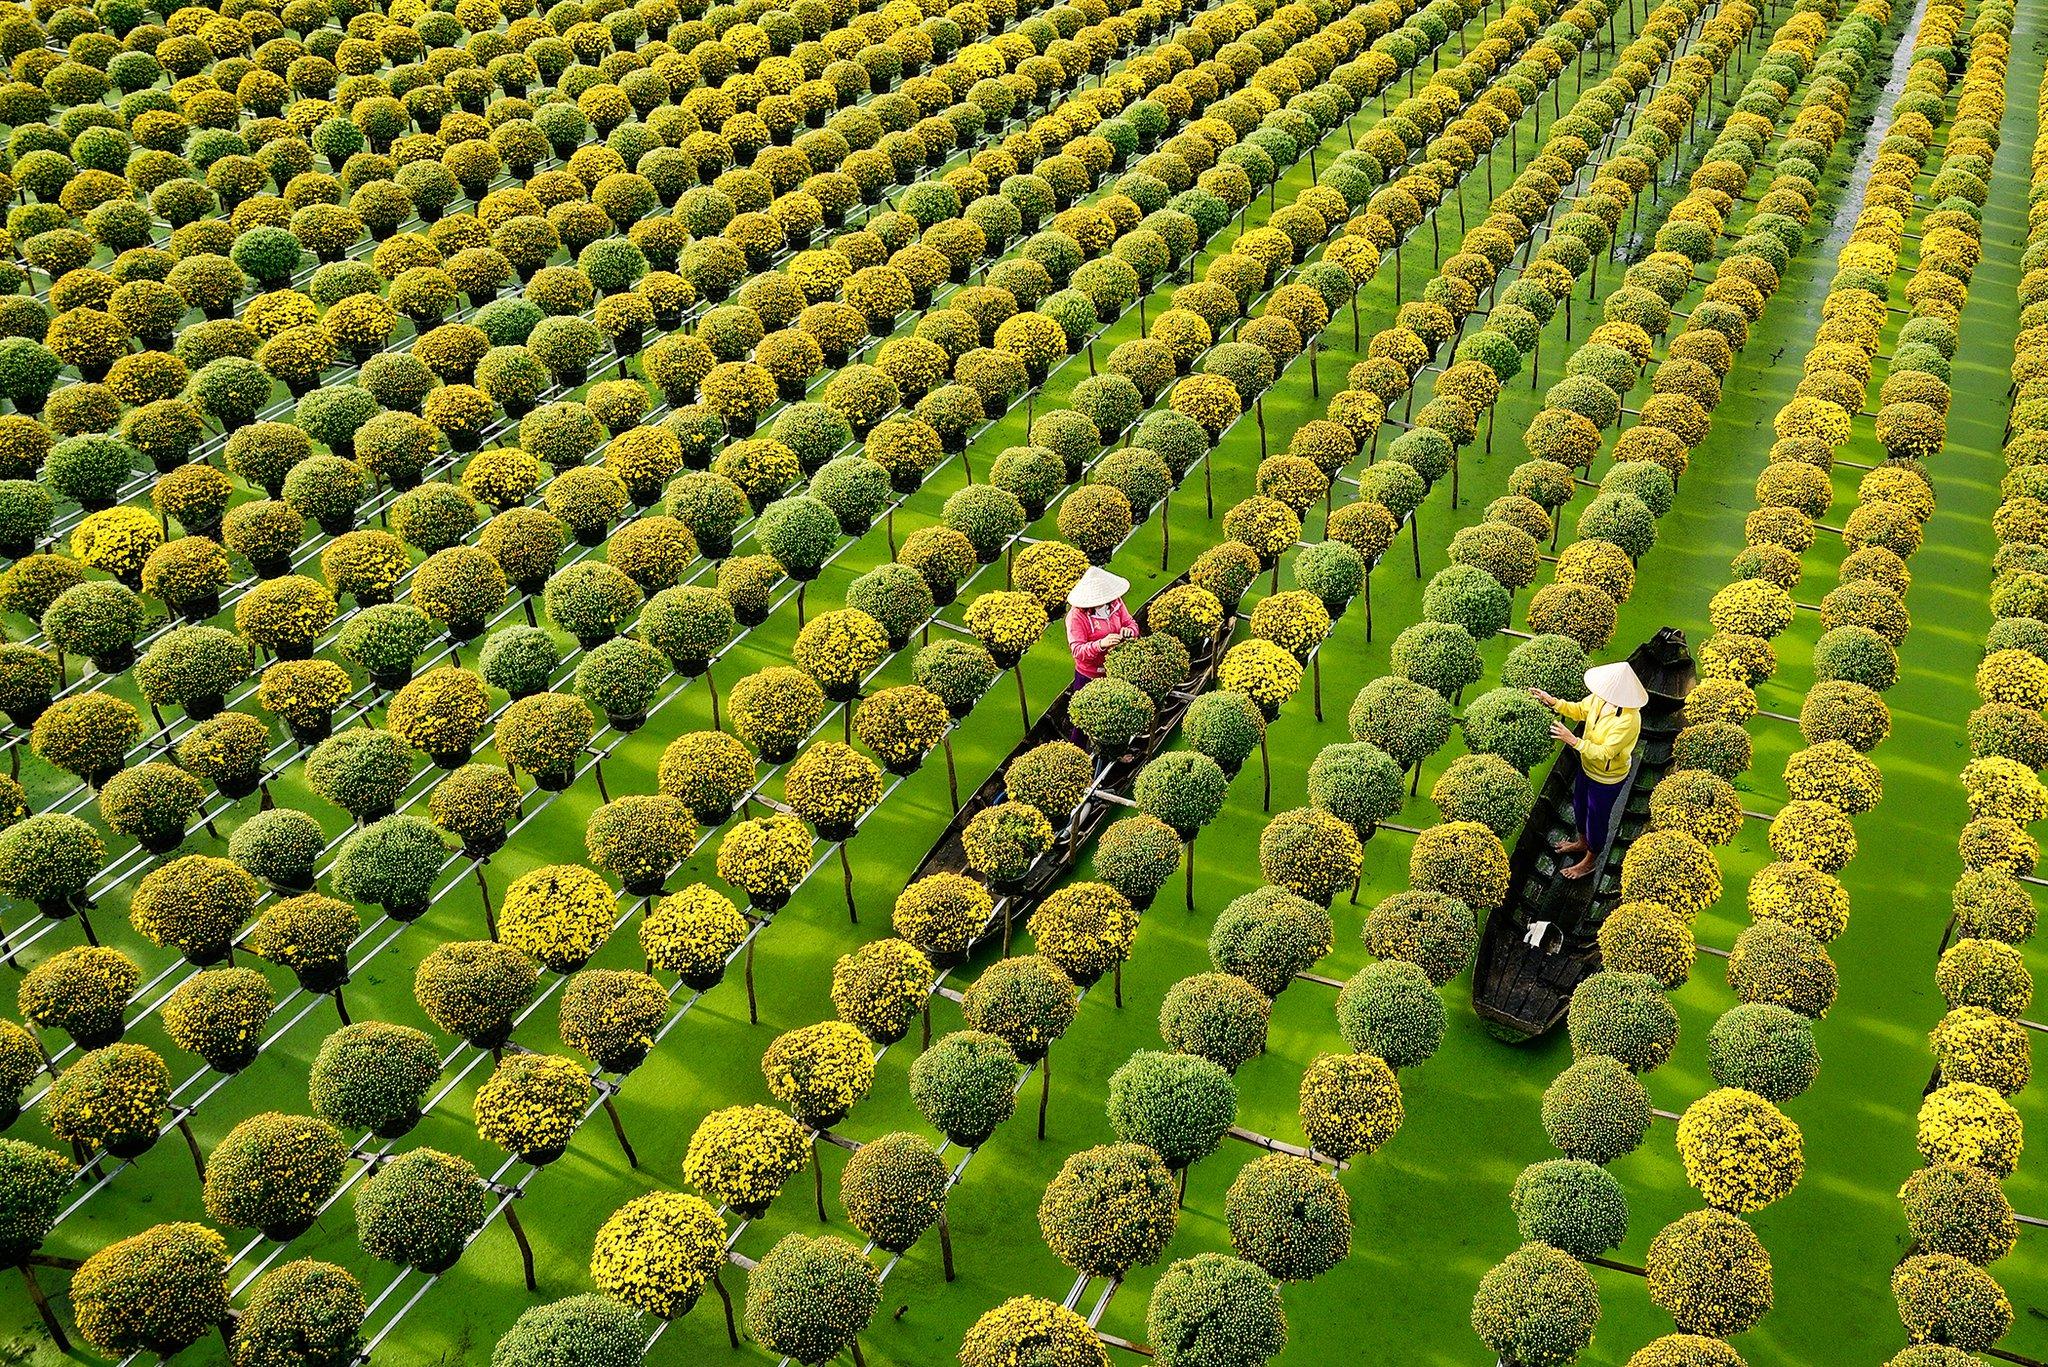 Làng Hoa Sa Đéc Đồng Tháp - Hướng dẫn du lịch Làng Hoa Sa Đéc